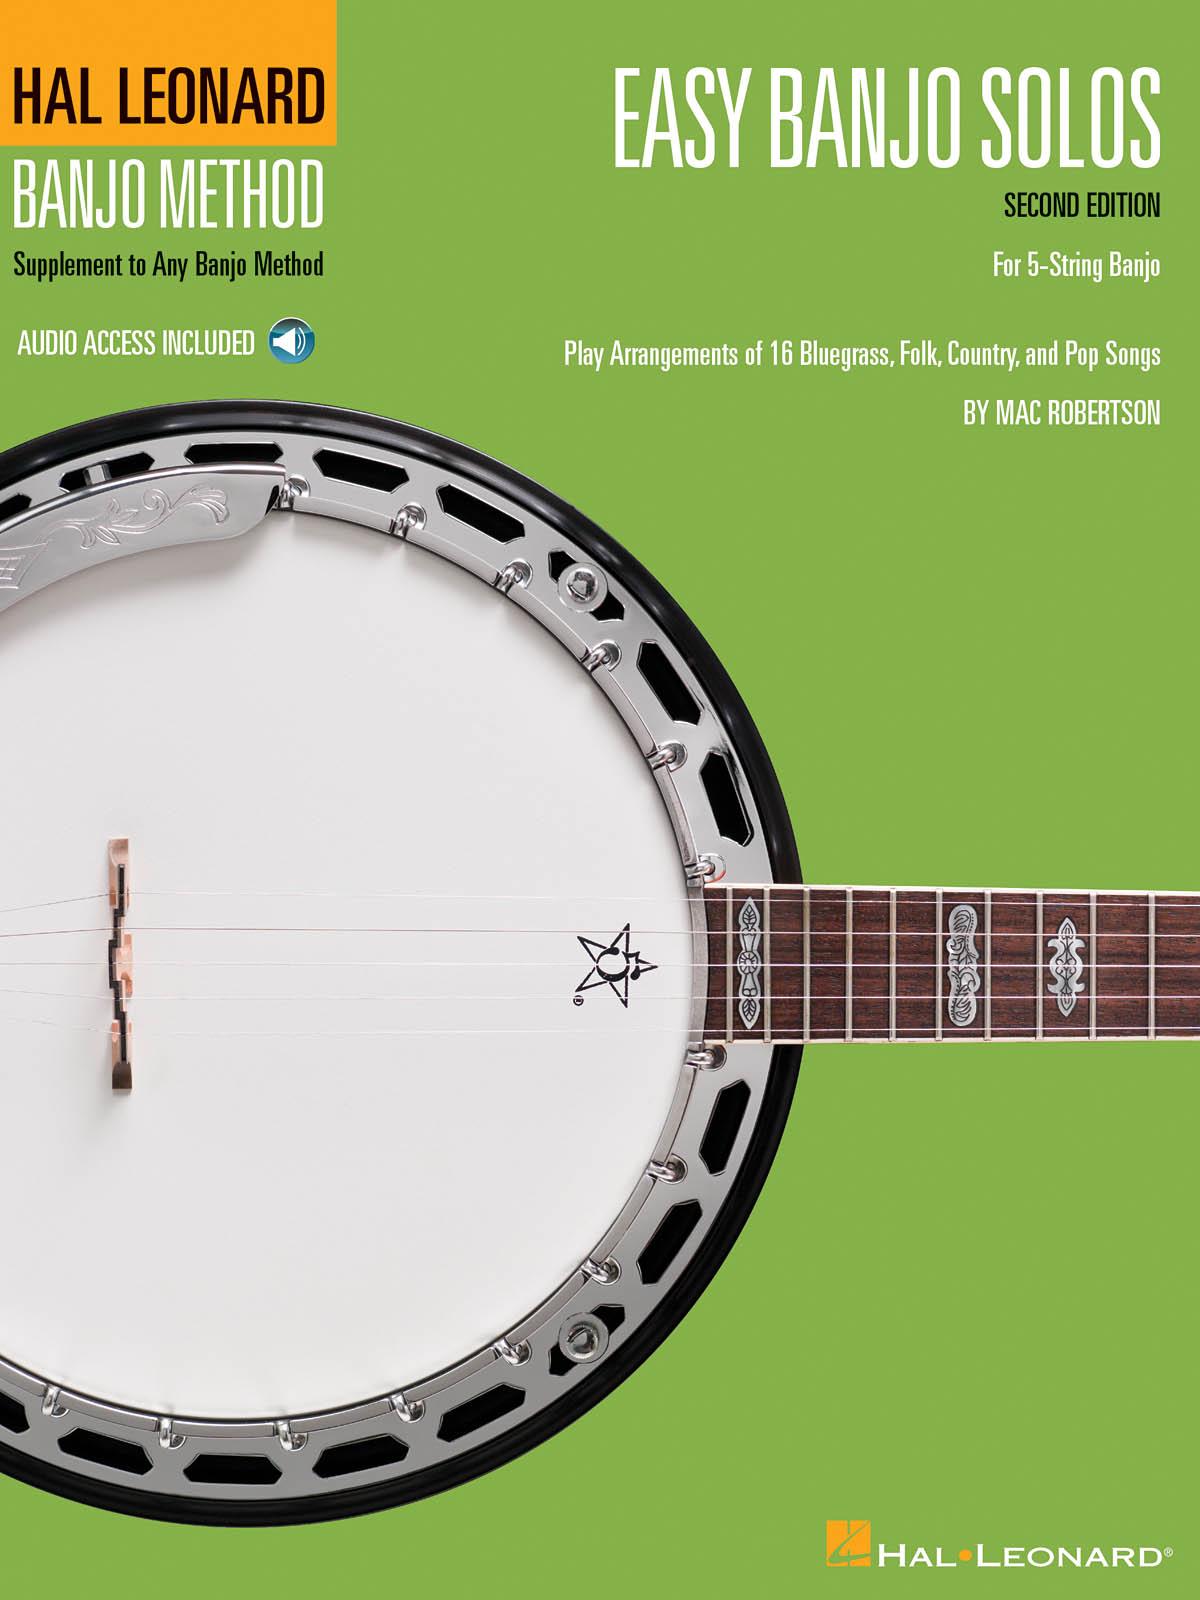 Easy Banjo Solos for 5-String Banjo: Banjo: Mixed Songbook